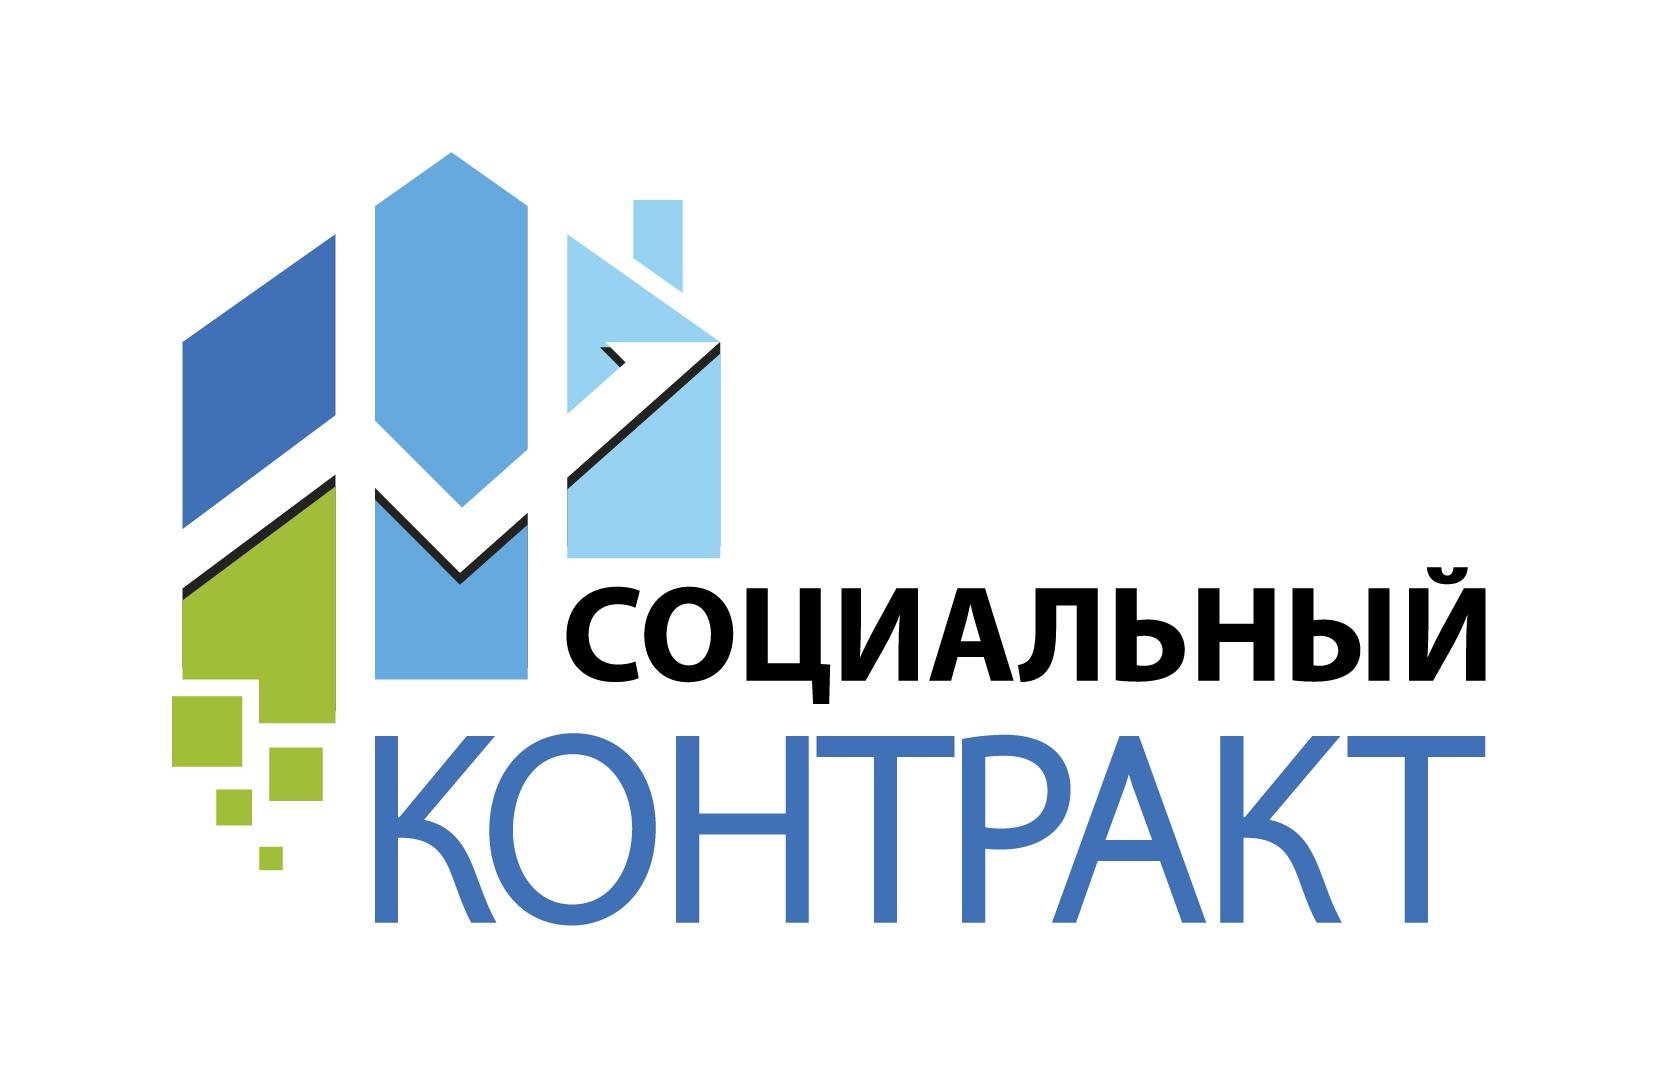 В марте текущего года в Кузнецке планируется заключение 33 социальных контрактов